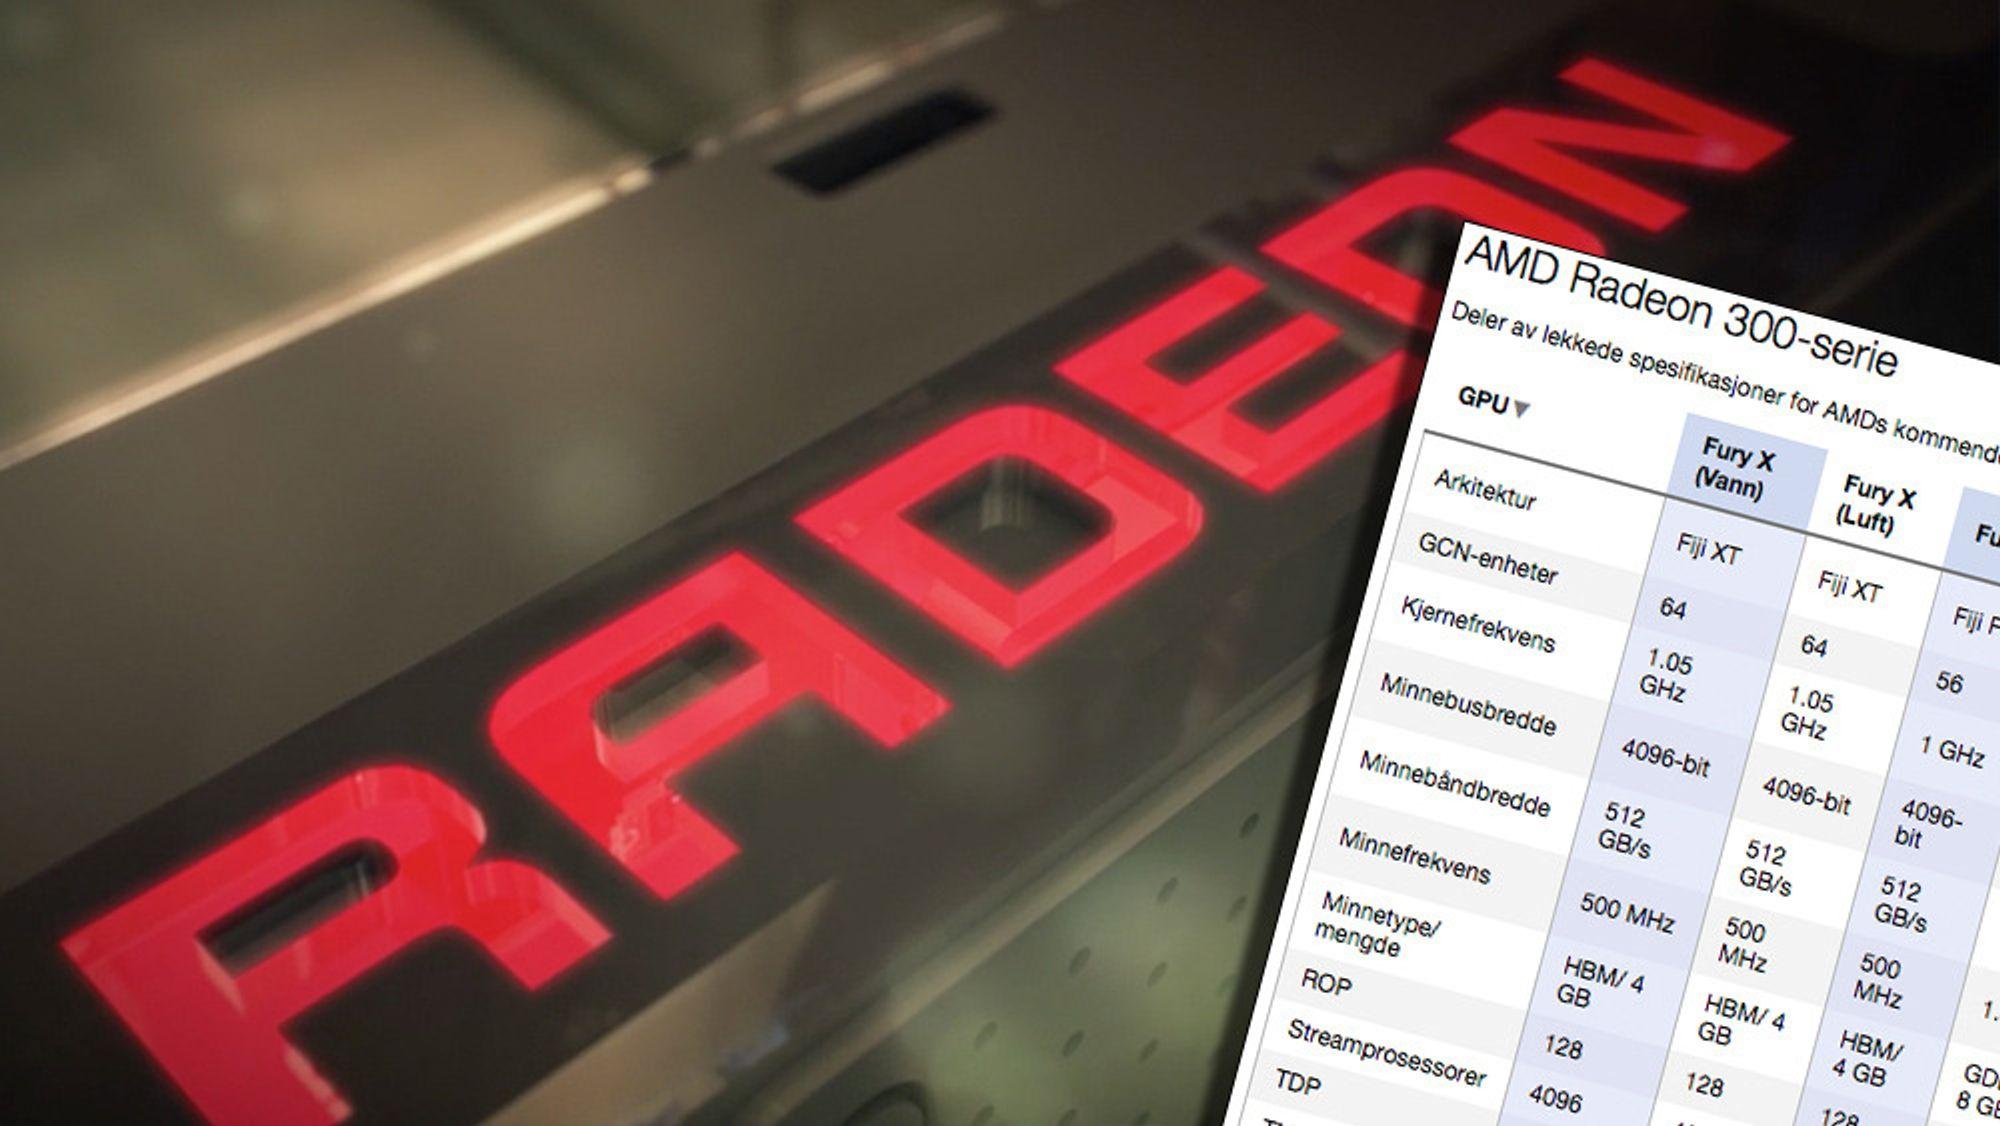 Spesifikasjonene for toppkortene i AMDs kommende Radeon 300-serie har lekket på nett.